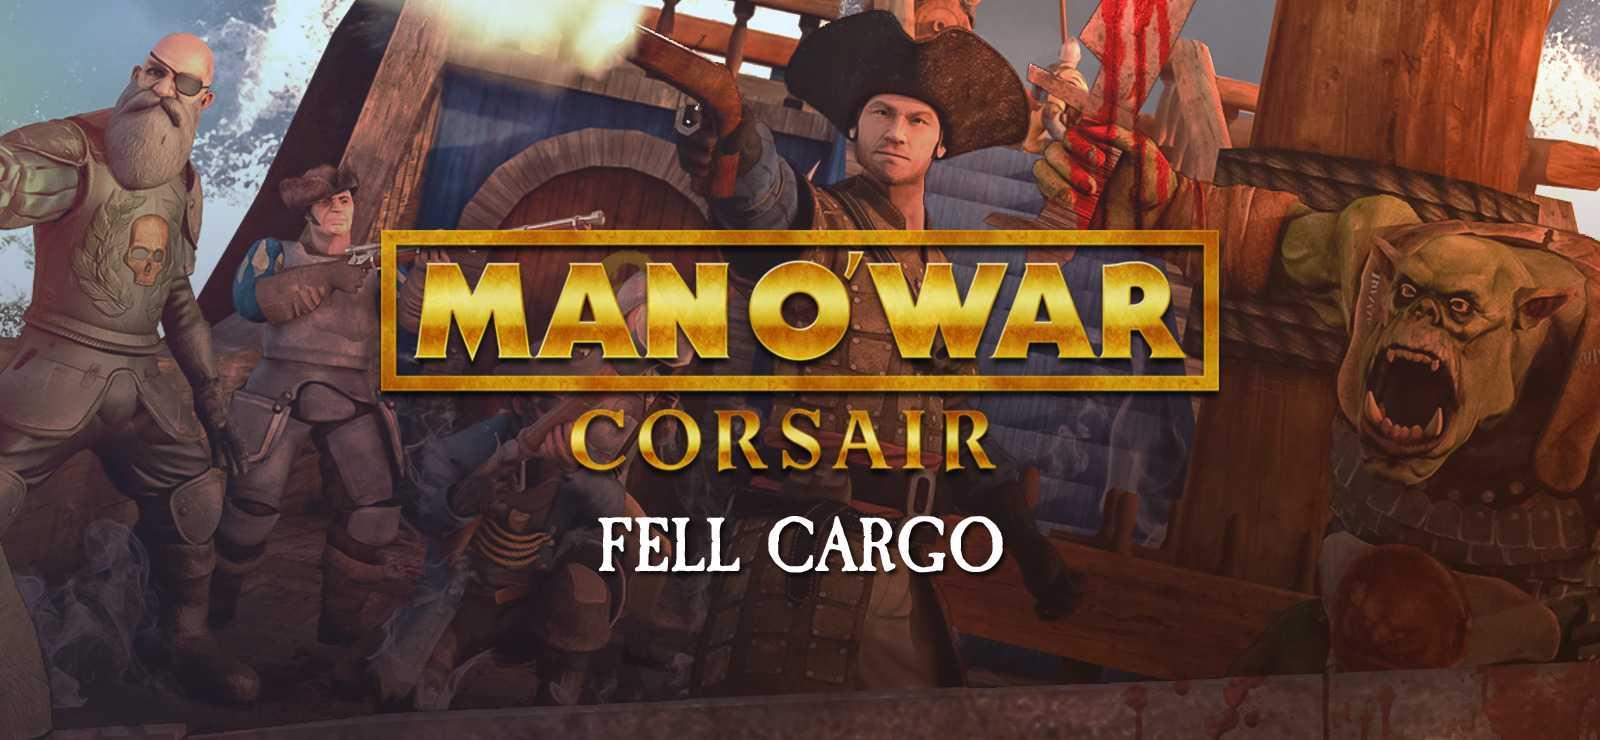 Man O' War: Corsair - Fell Cargo